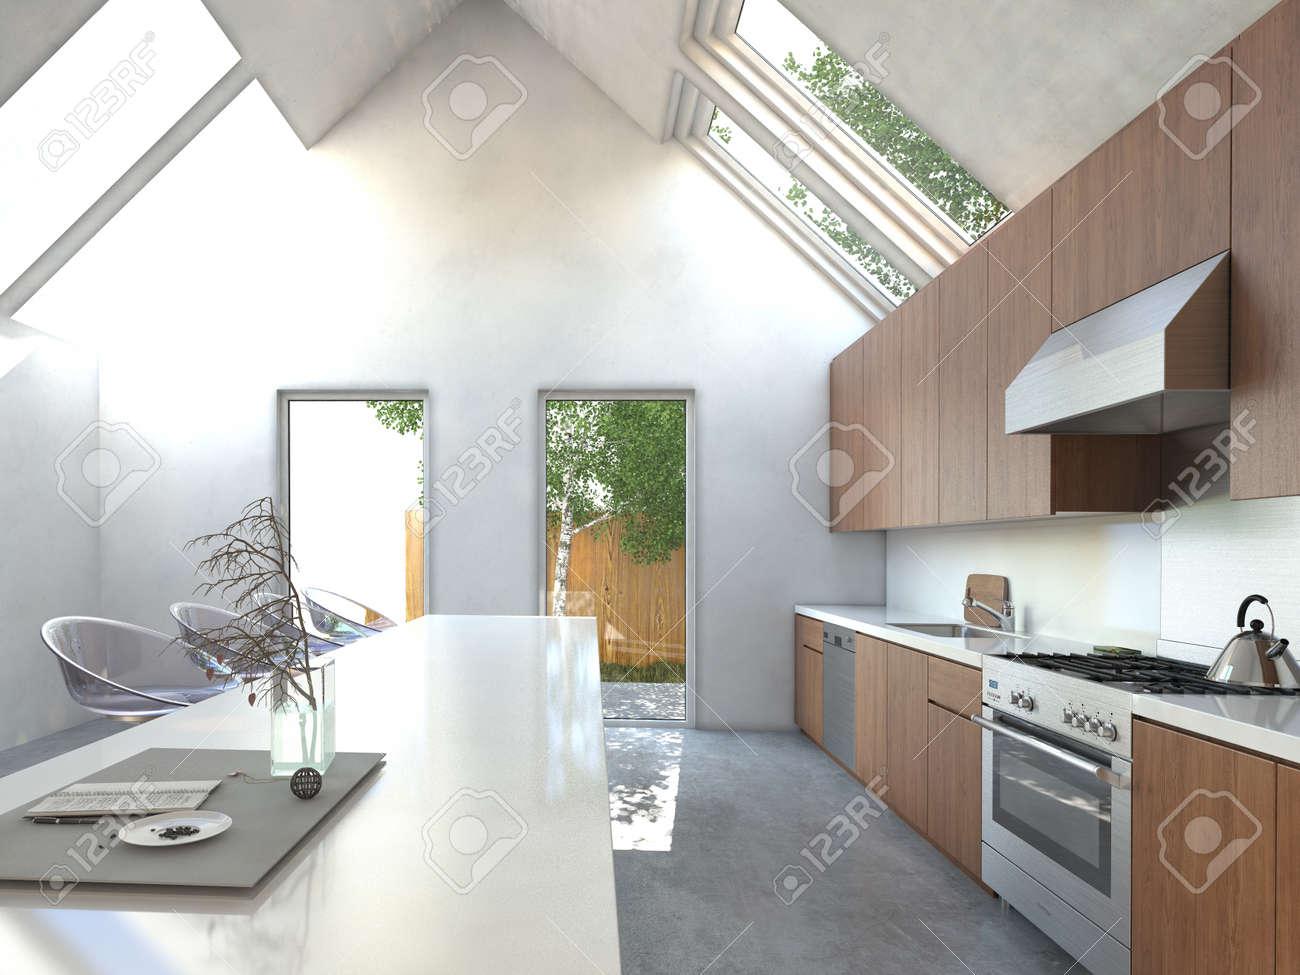 Geräumige Offene Küche Mit Theke, Modern Modular Stuhl, In Holz ...